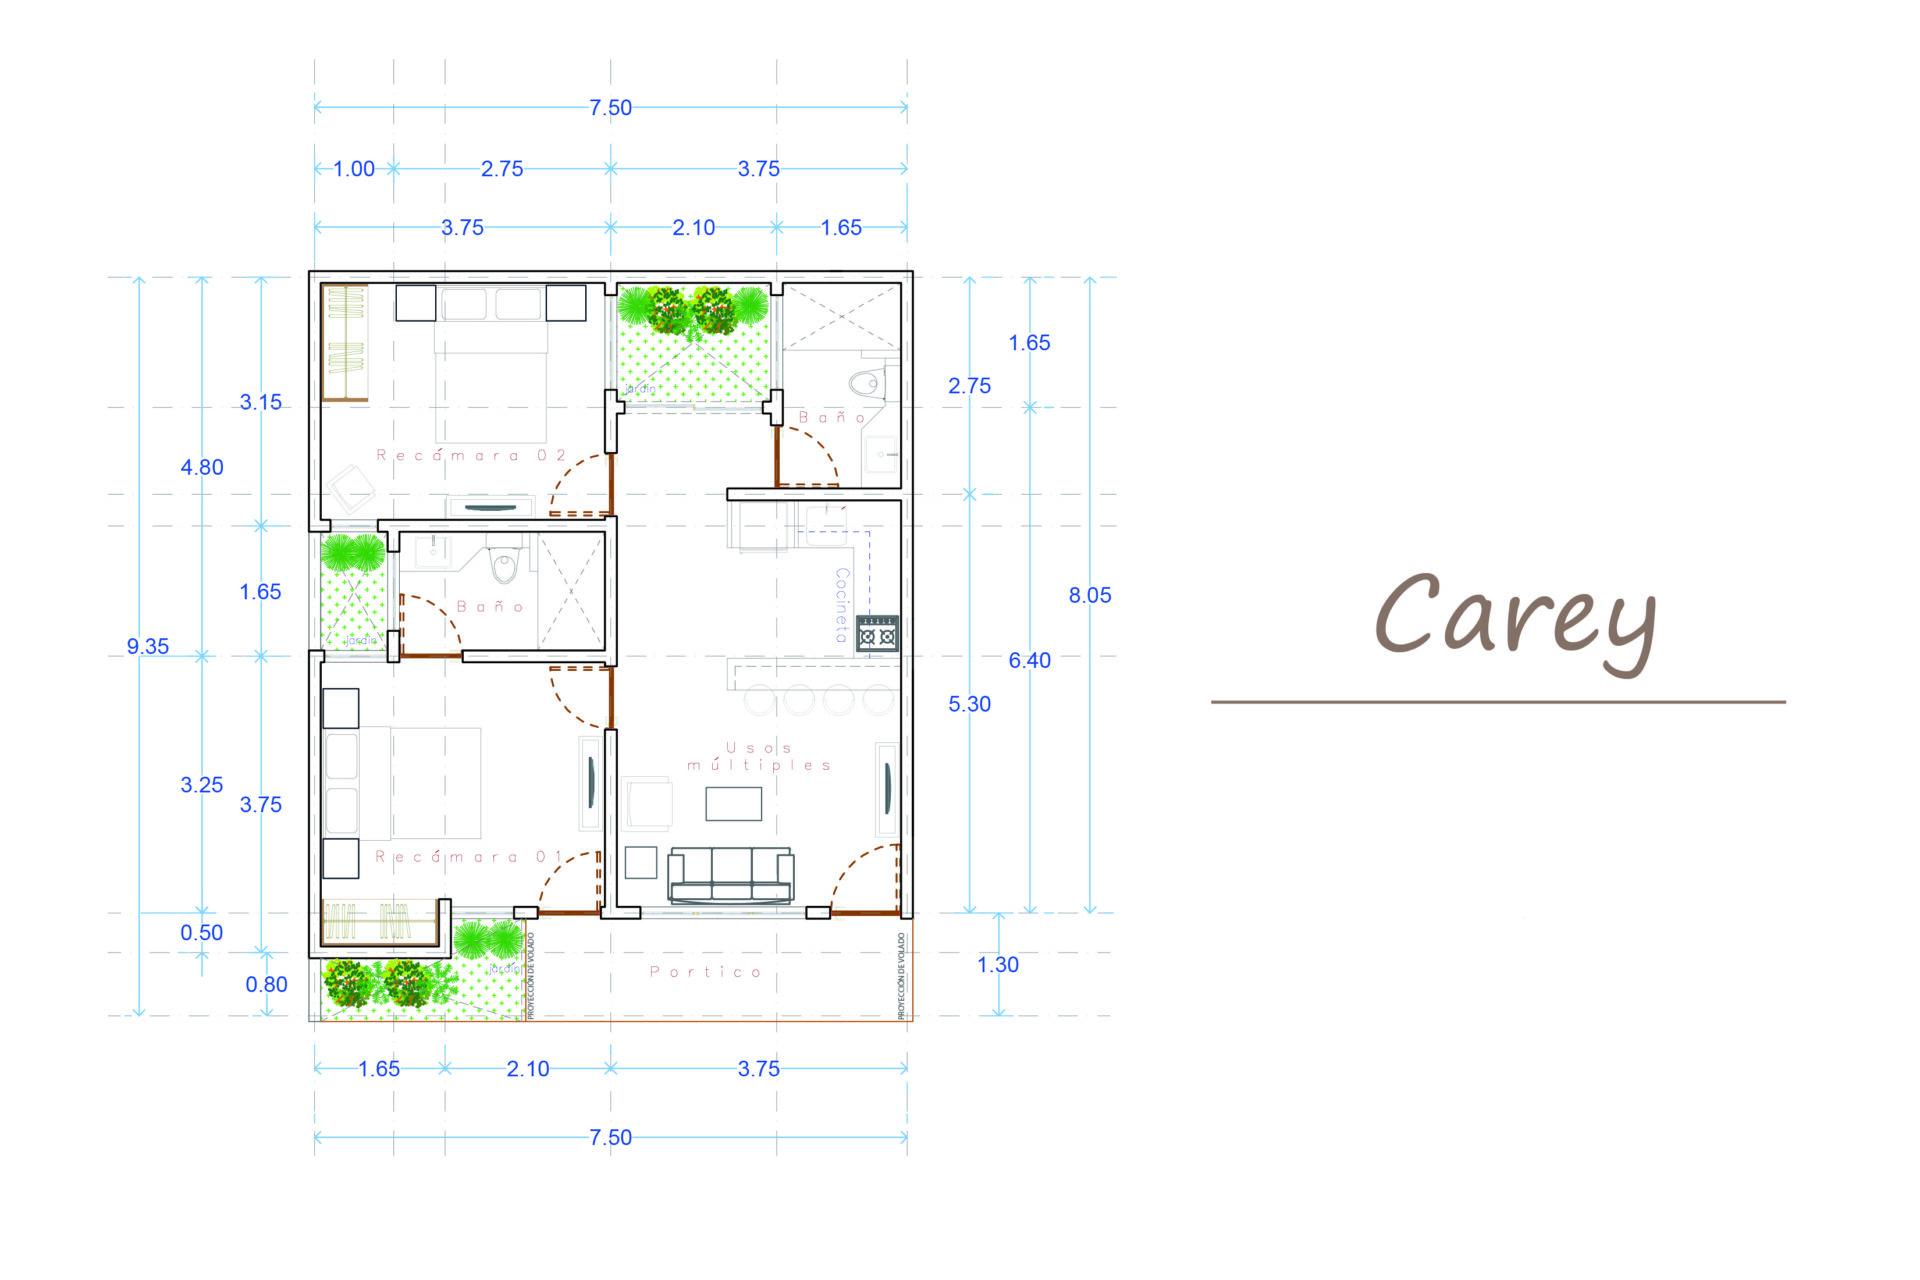 CAREY 1st FLOOR